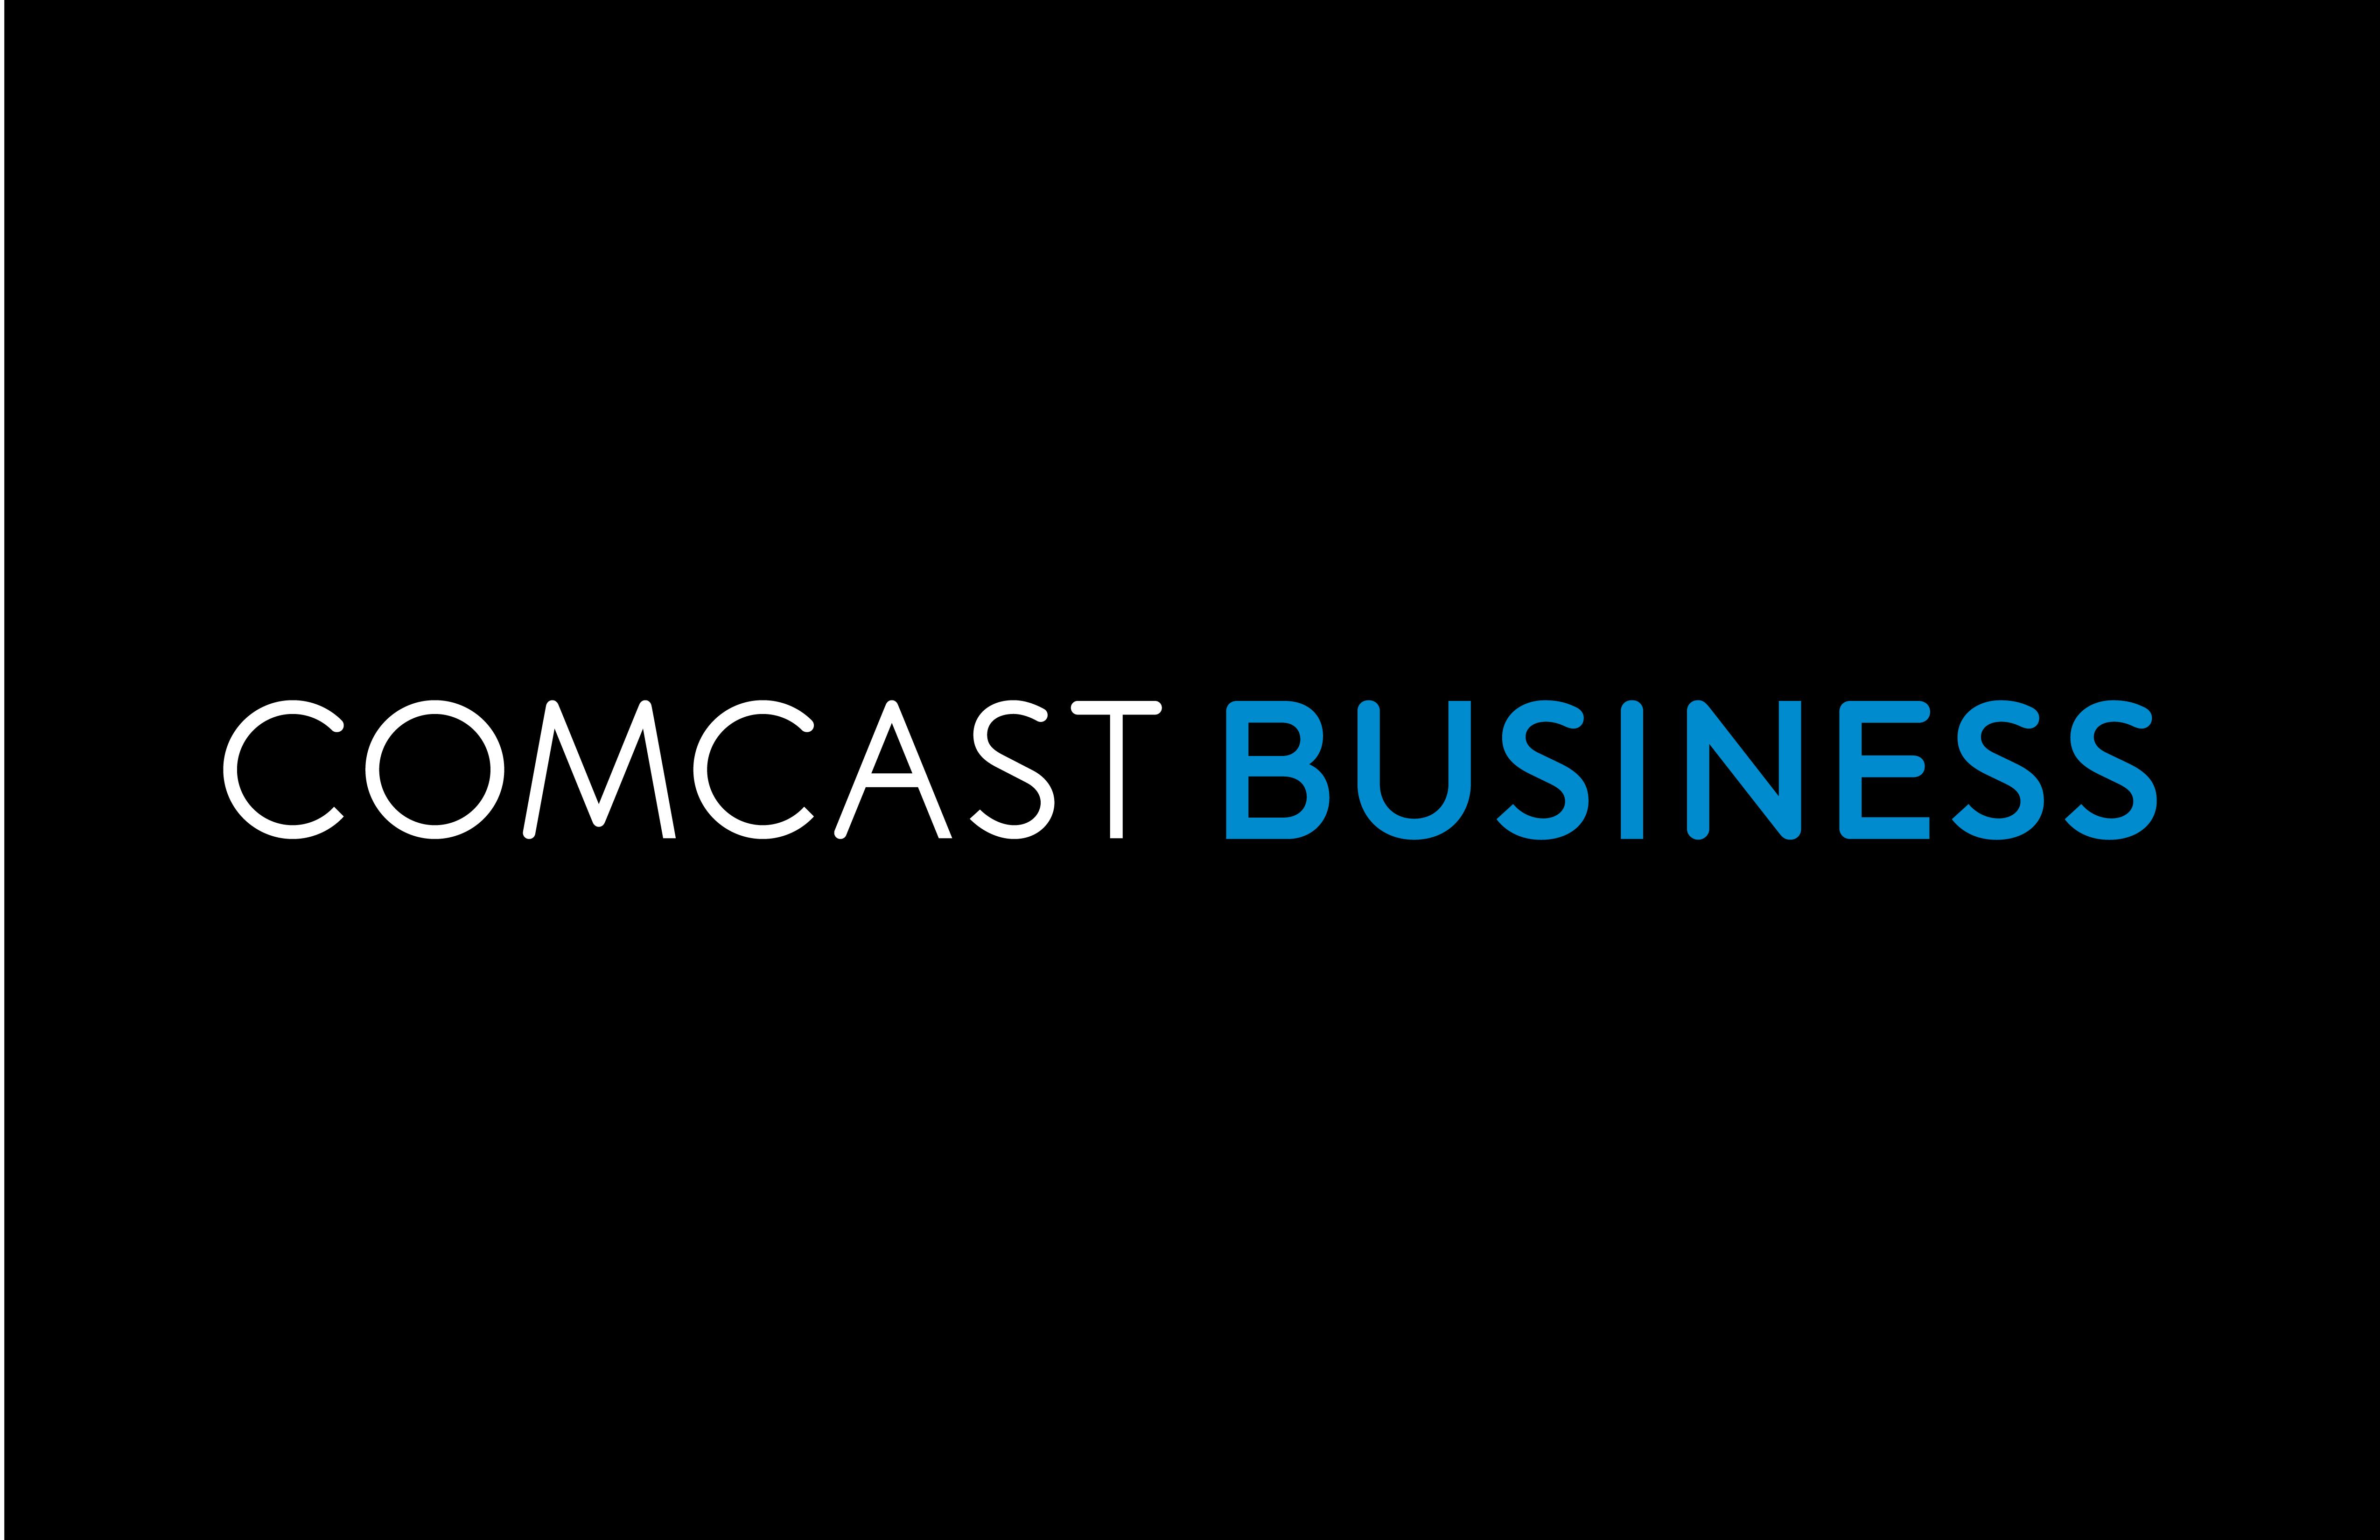 COMCAST_BUSINESS_LOGO_HOR_5.04_WHITE-BLUE-01